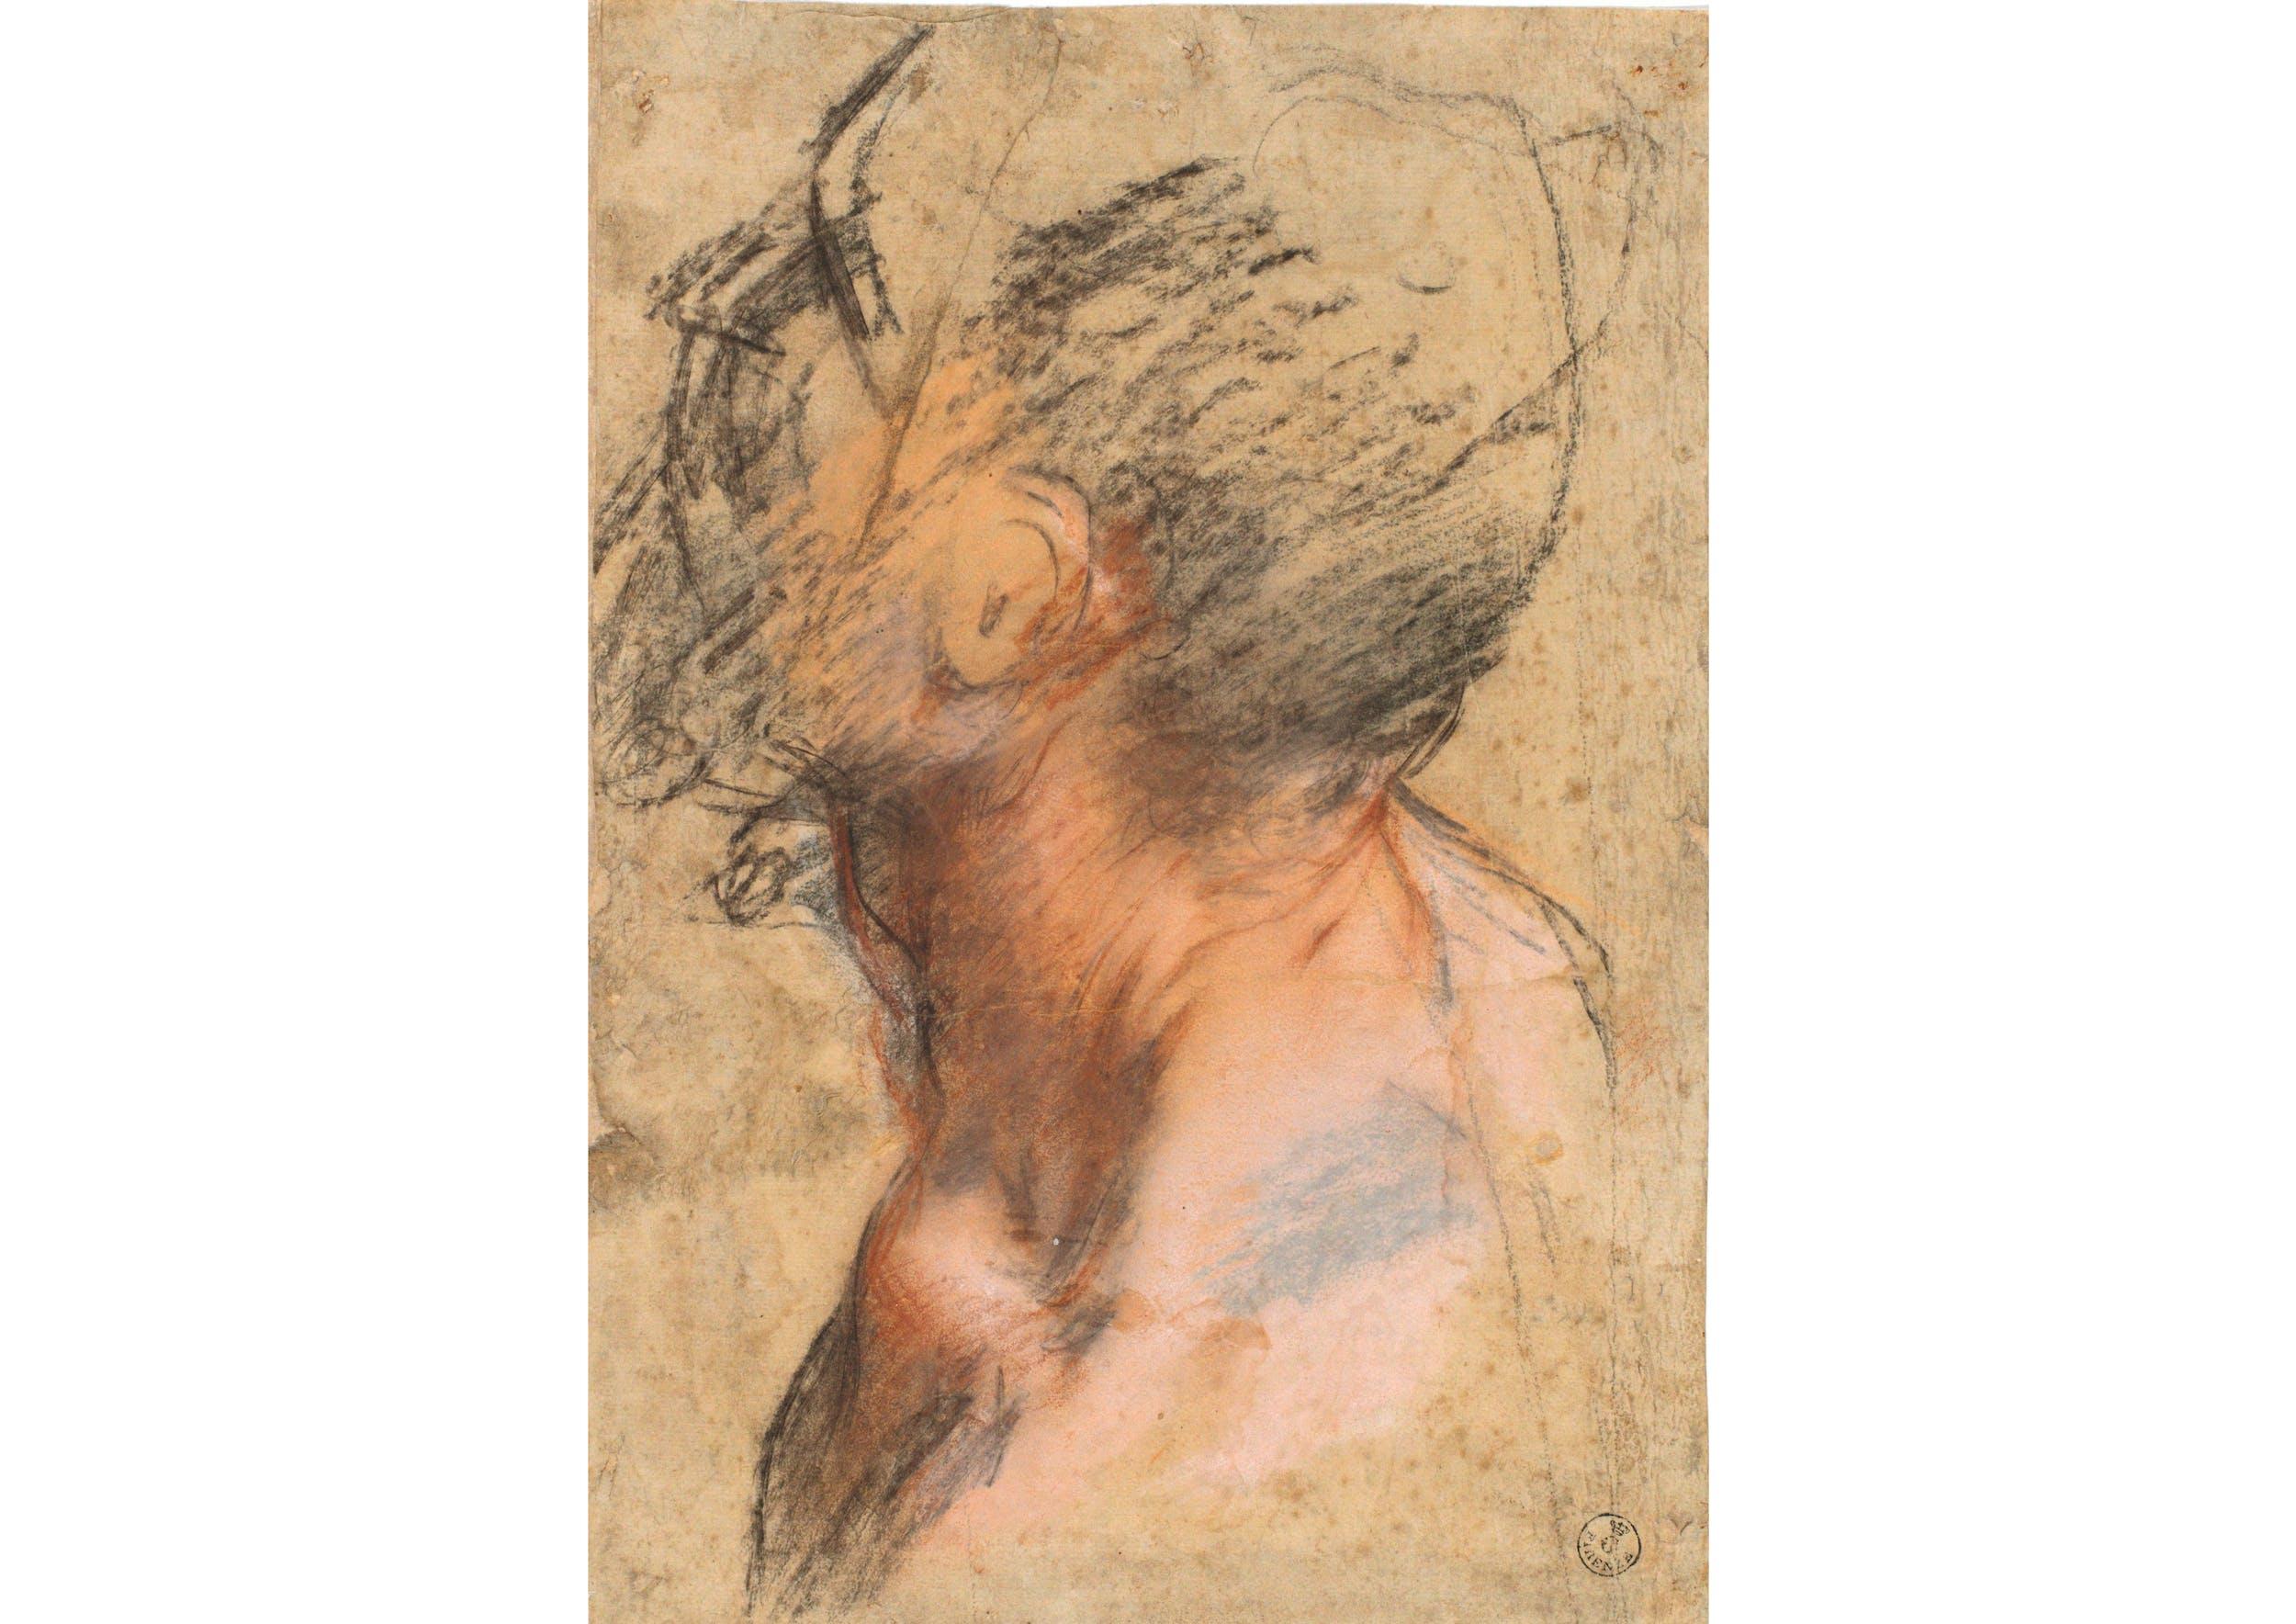 Carboncino, pietra rossa, pastello rosa, gessetto bianco, carta 325 x 224 mm. Inv. 11397 F